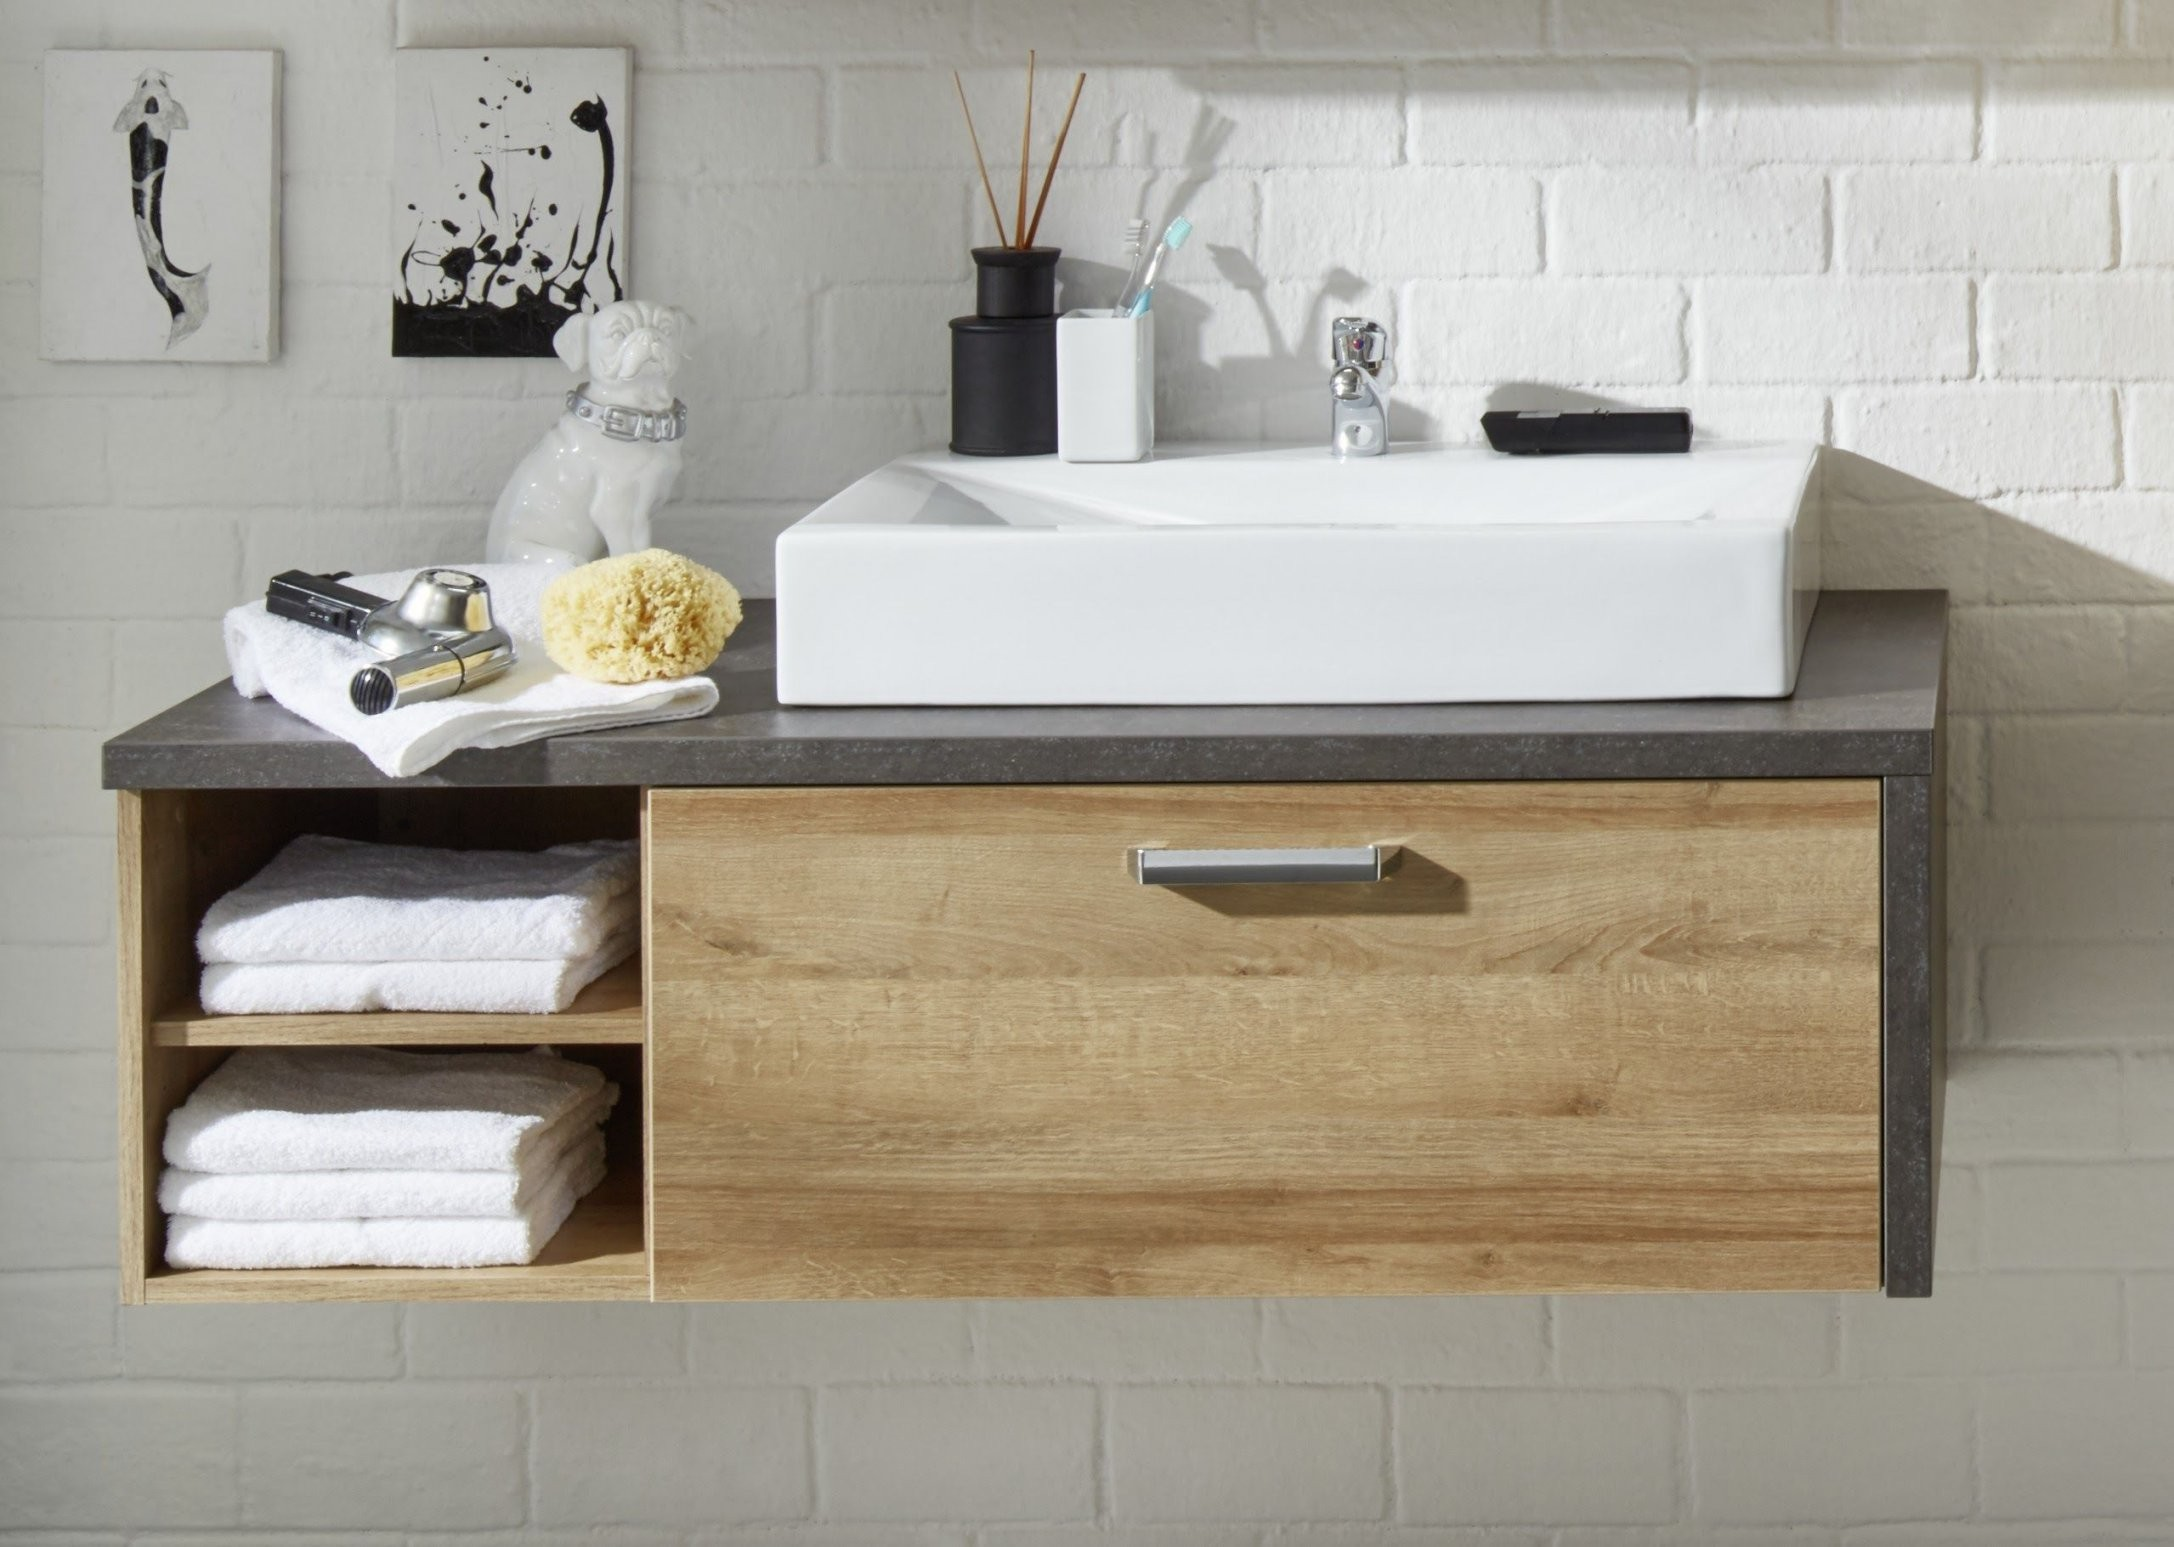 Waschbeckenunterschrank Eiche Riviera Honig Beton Woody 9301137 von Bad Unterschrank Ohne Waschbecken Bild